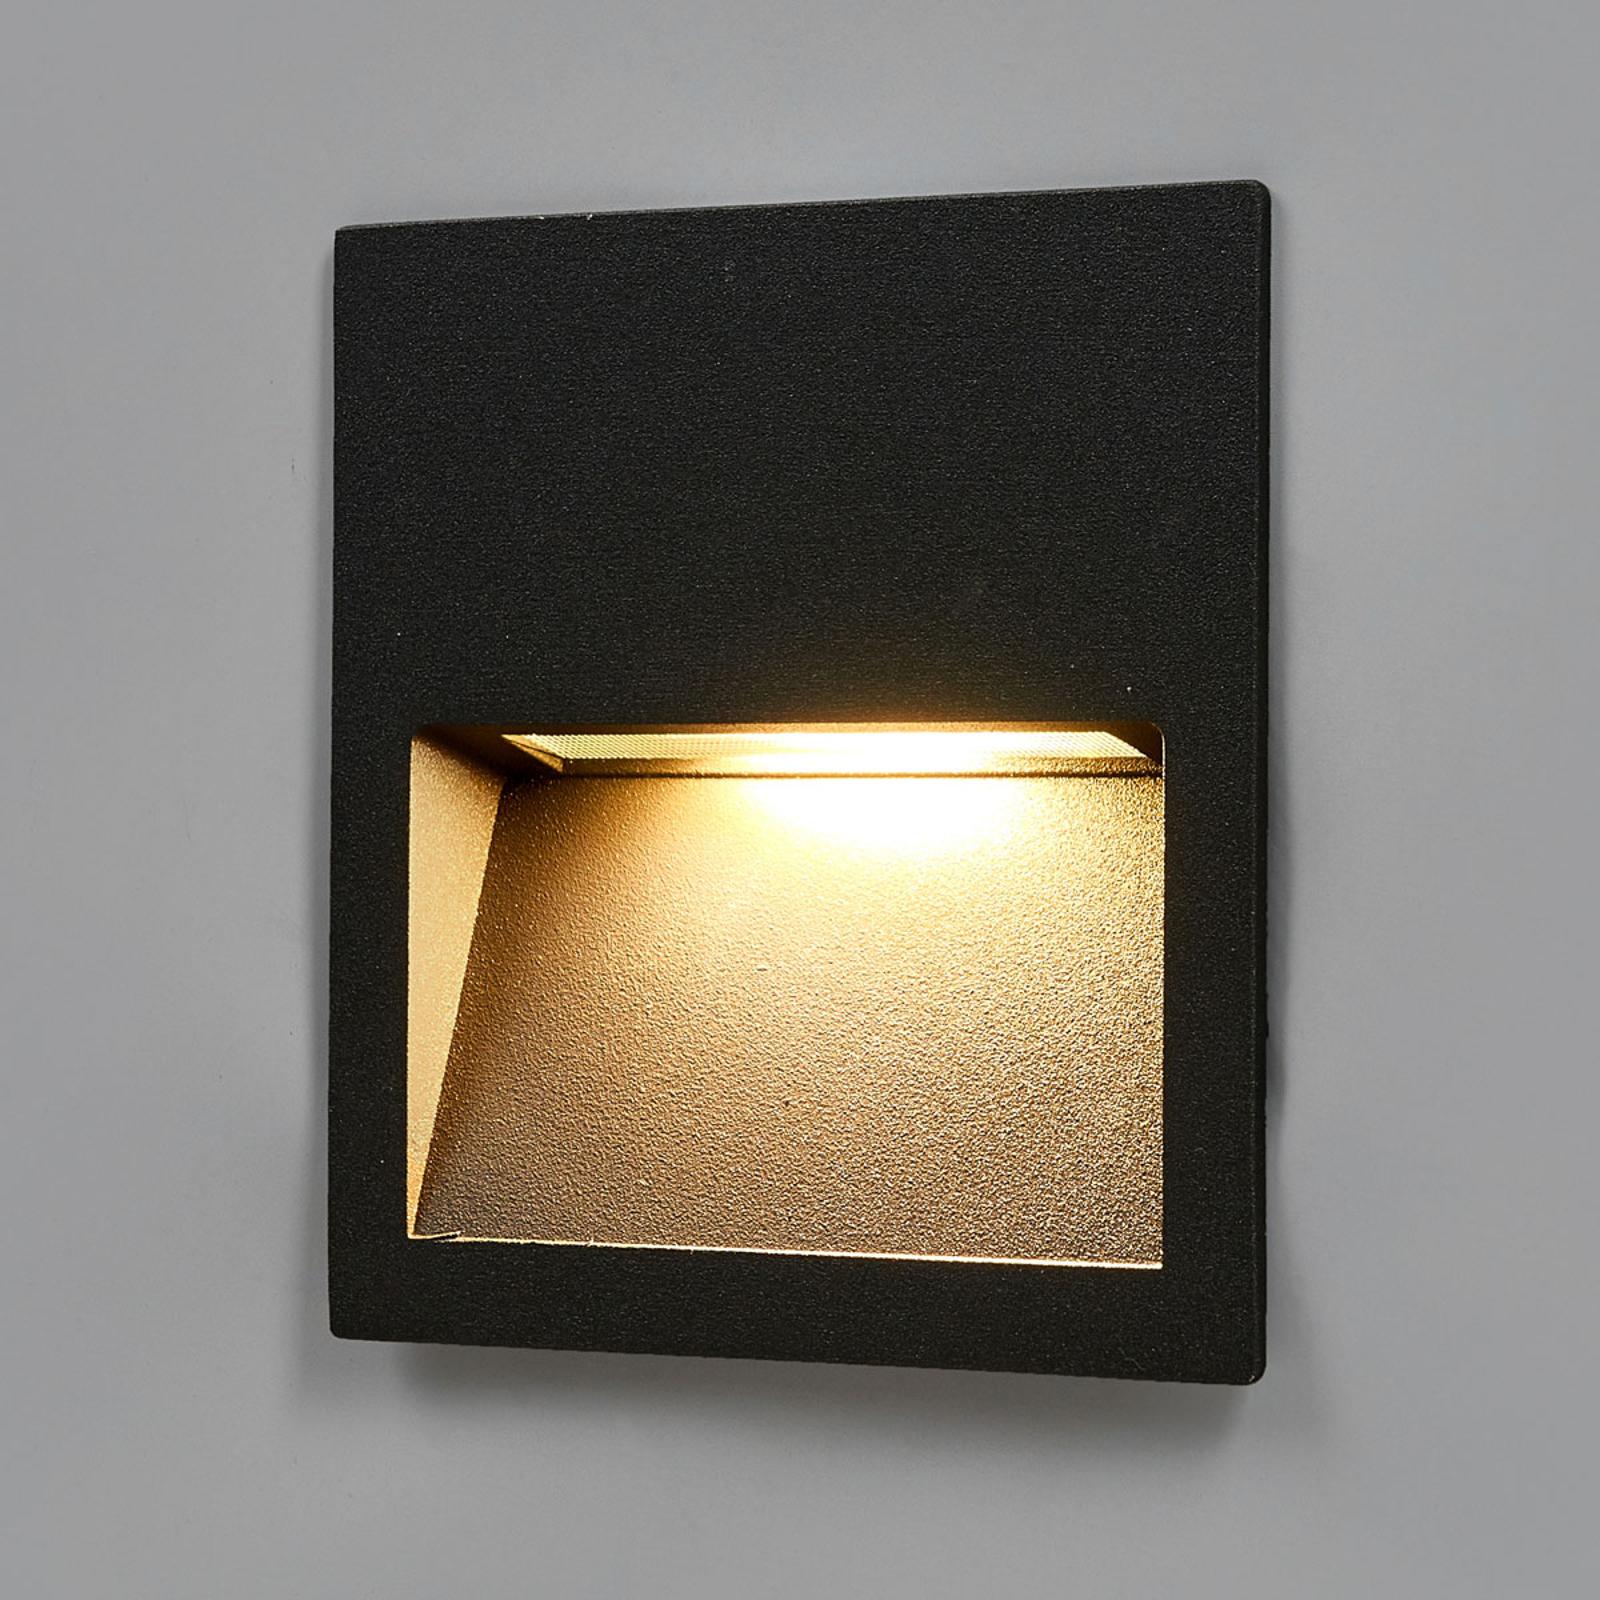 Kwadratowy kinkiet zewnętrzny LED Loya